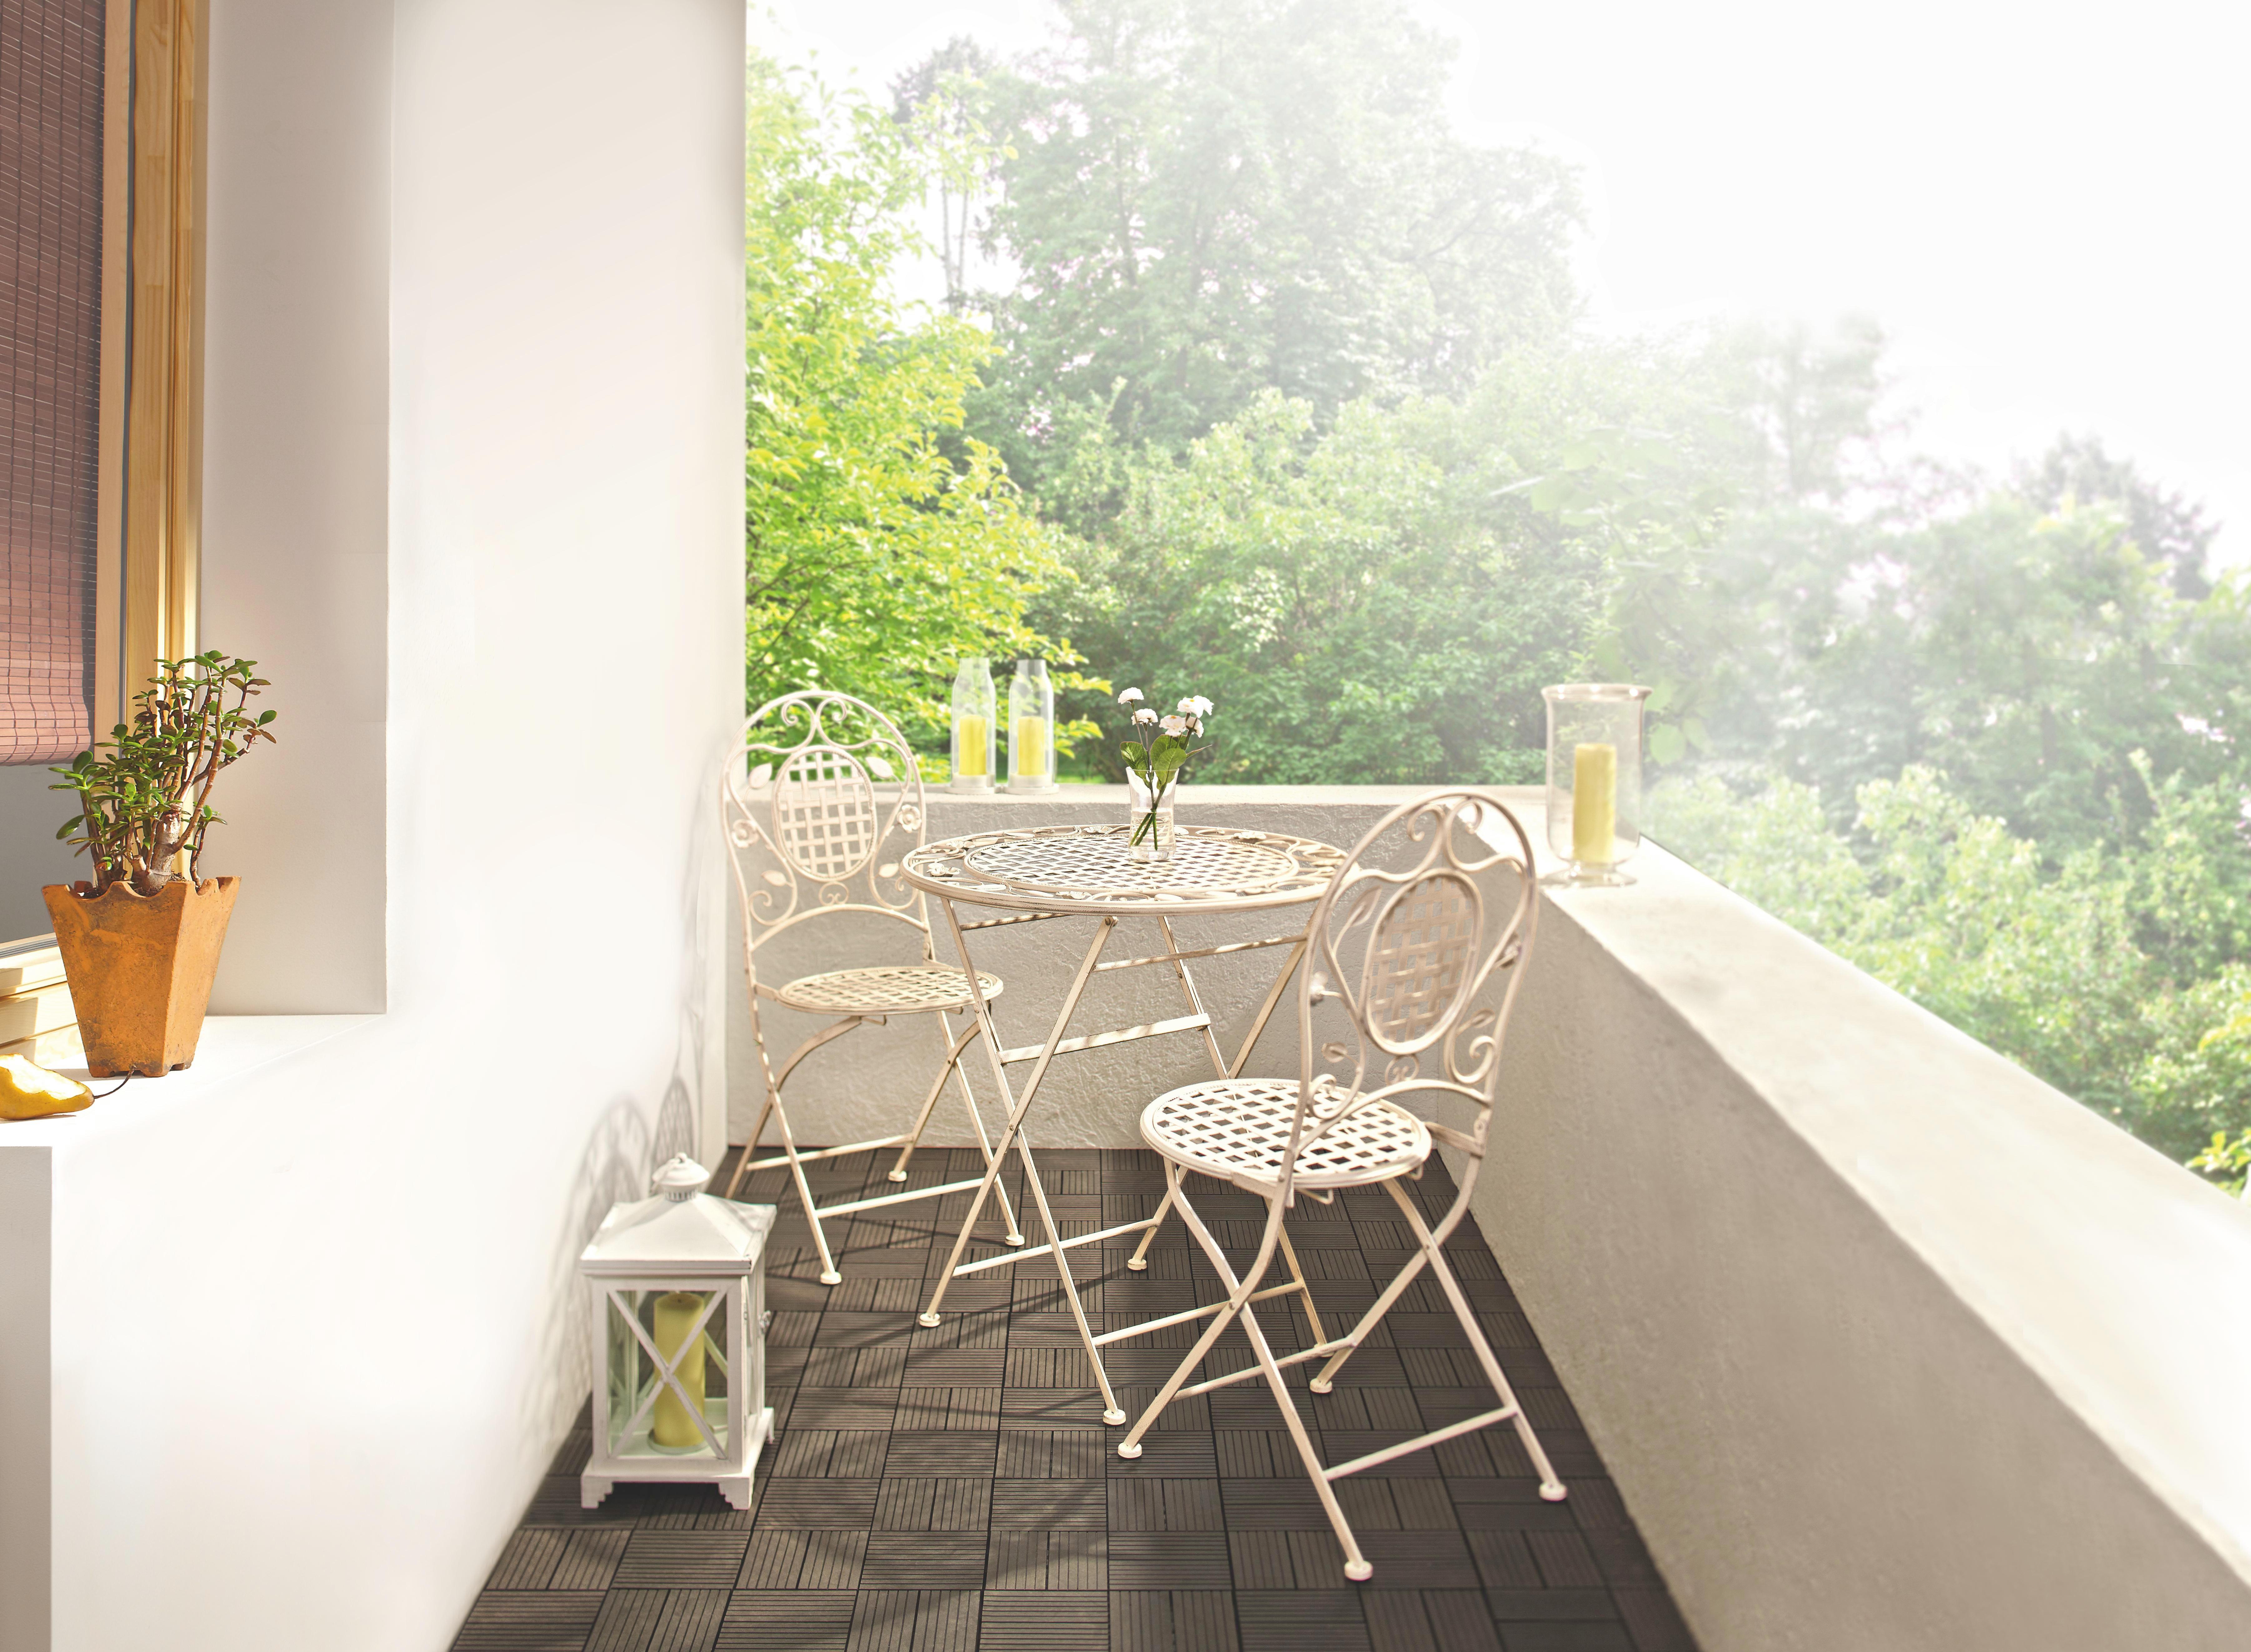 Schön Balkonmöbel Für Kleine Balkone Fotos - Schlafzimmer Ideen ...